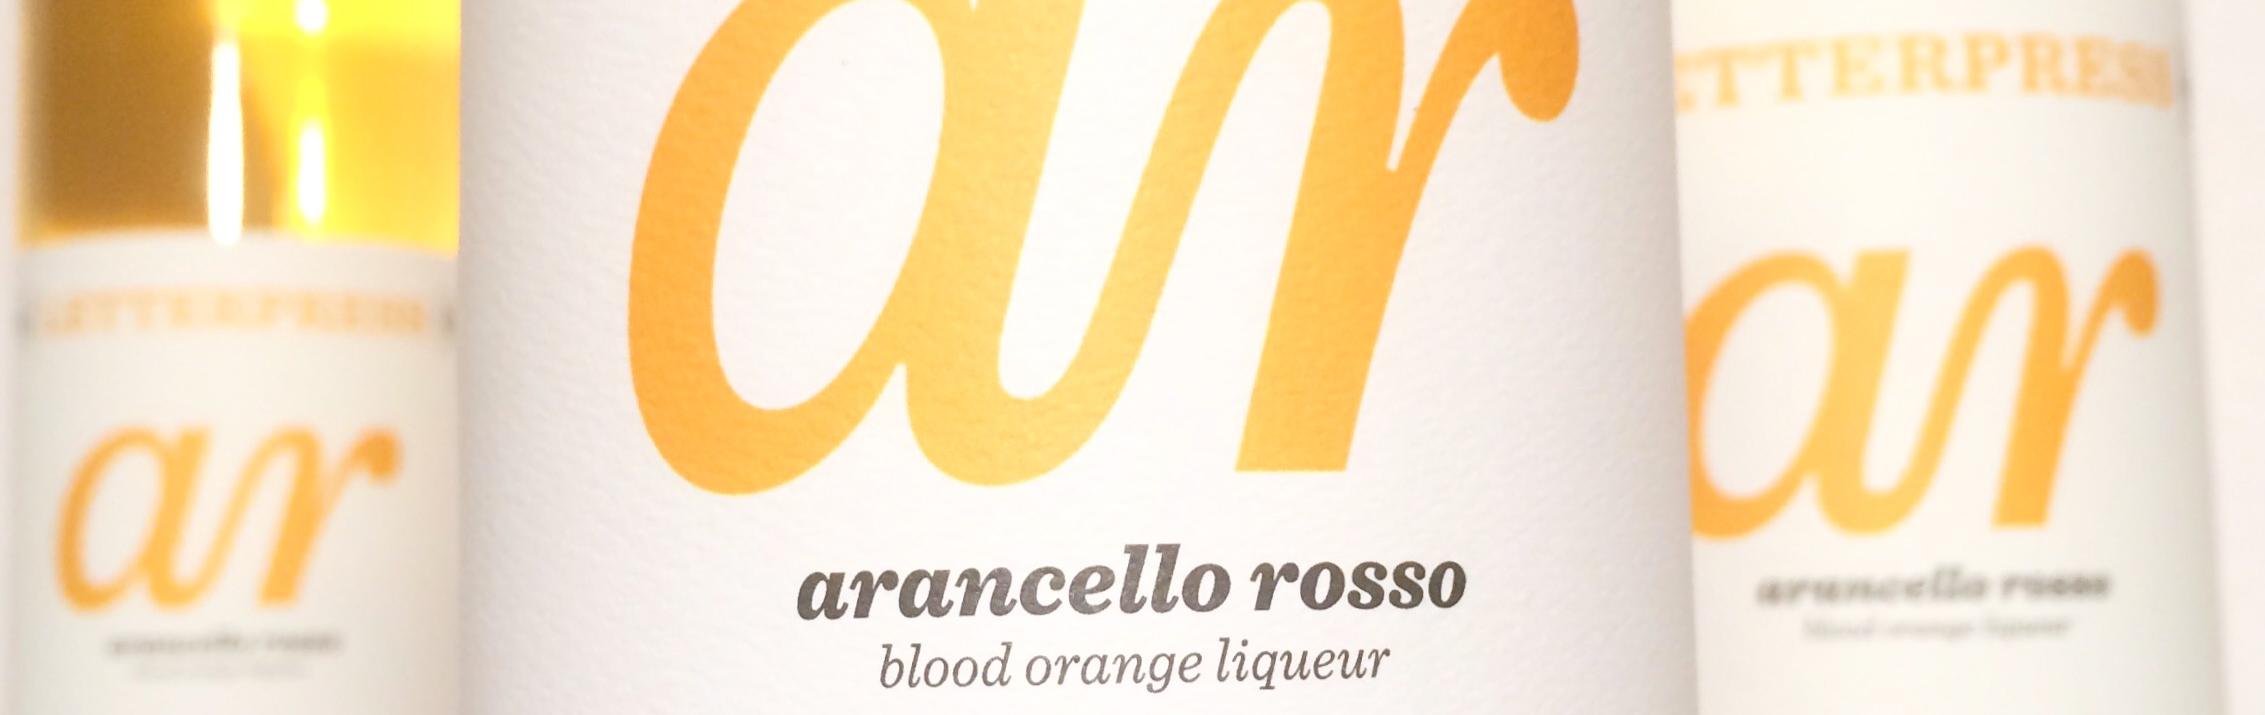 Arancello Rosso is here!